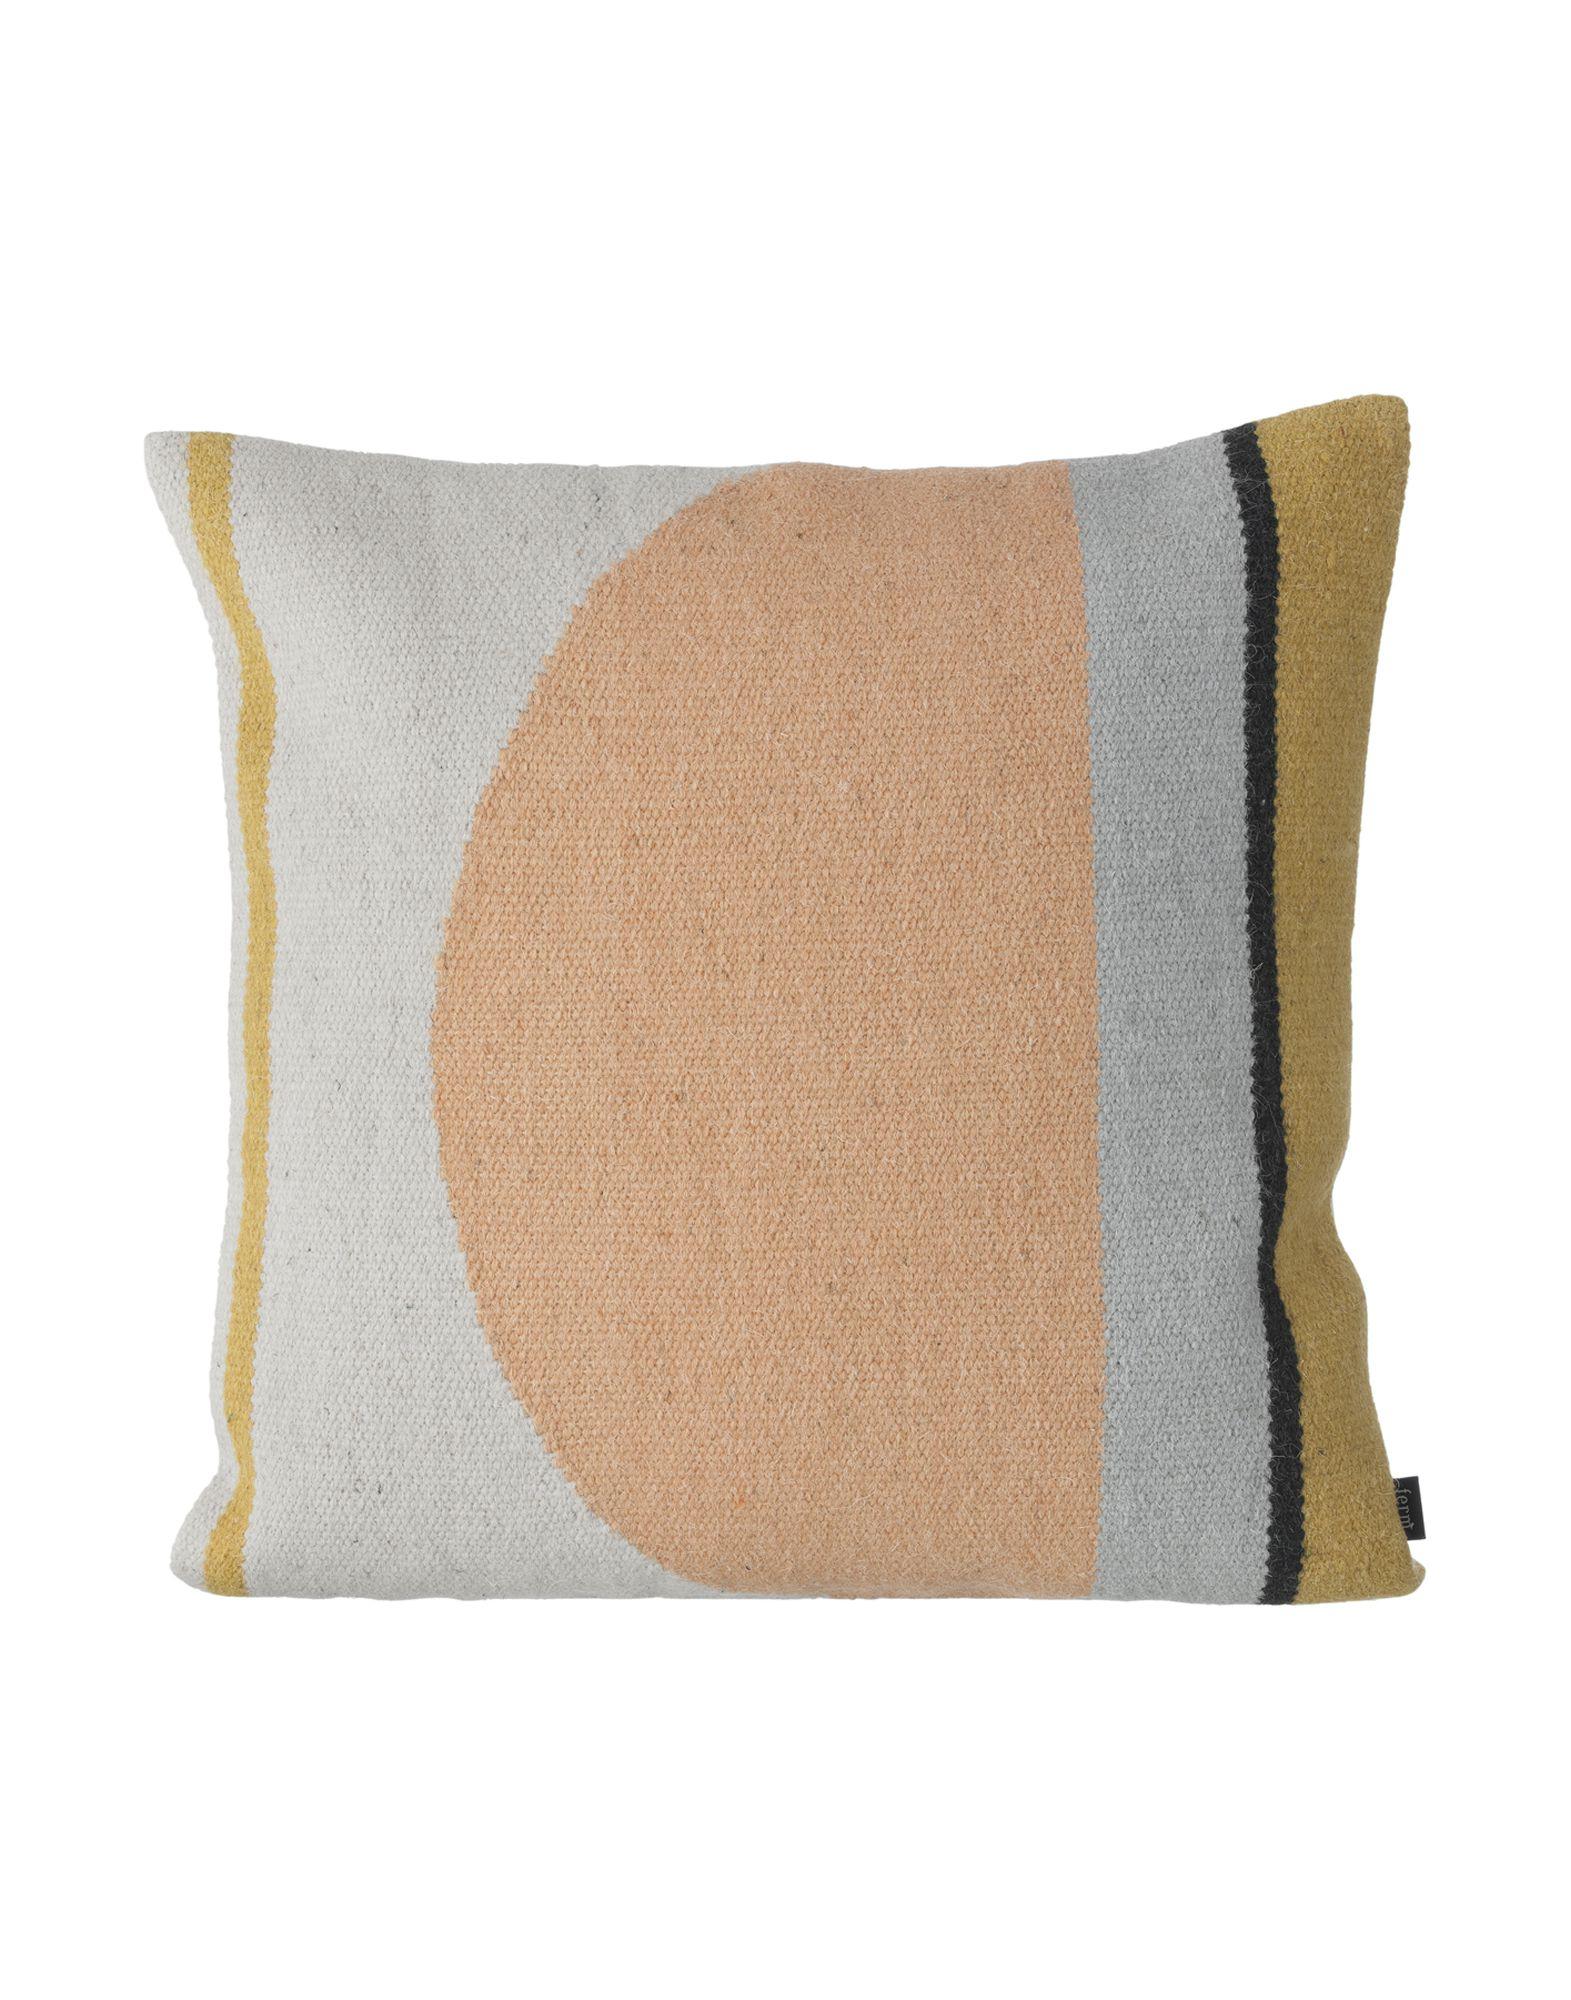 Ferm Living Pillows   DESIGN+ART Ferm Living Online On YOOX   58020979TU